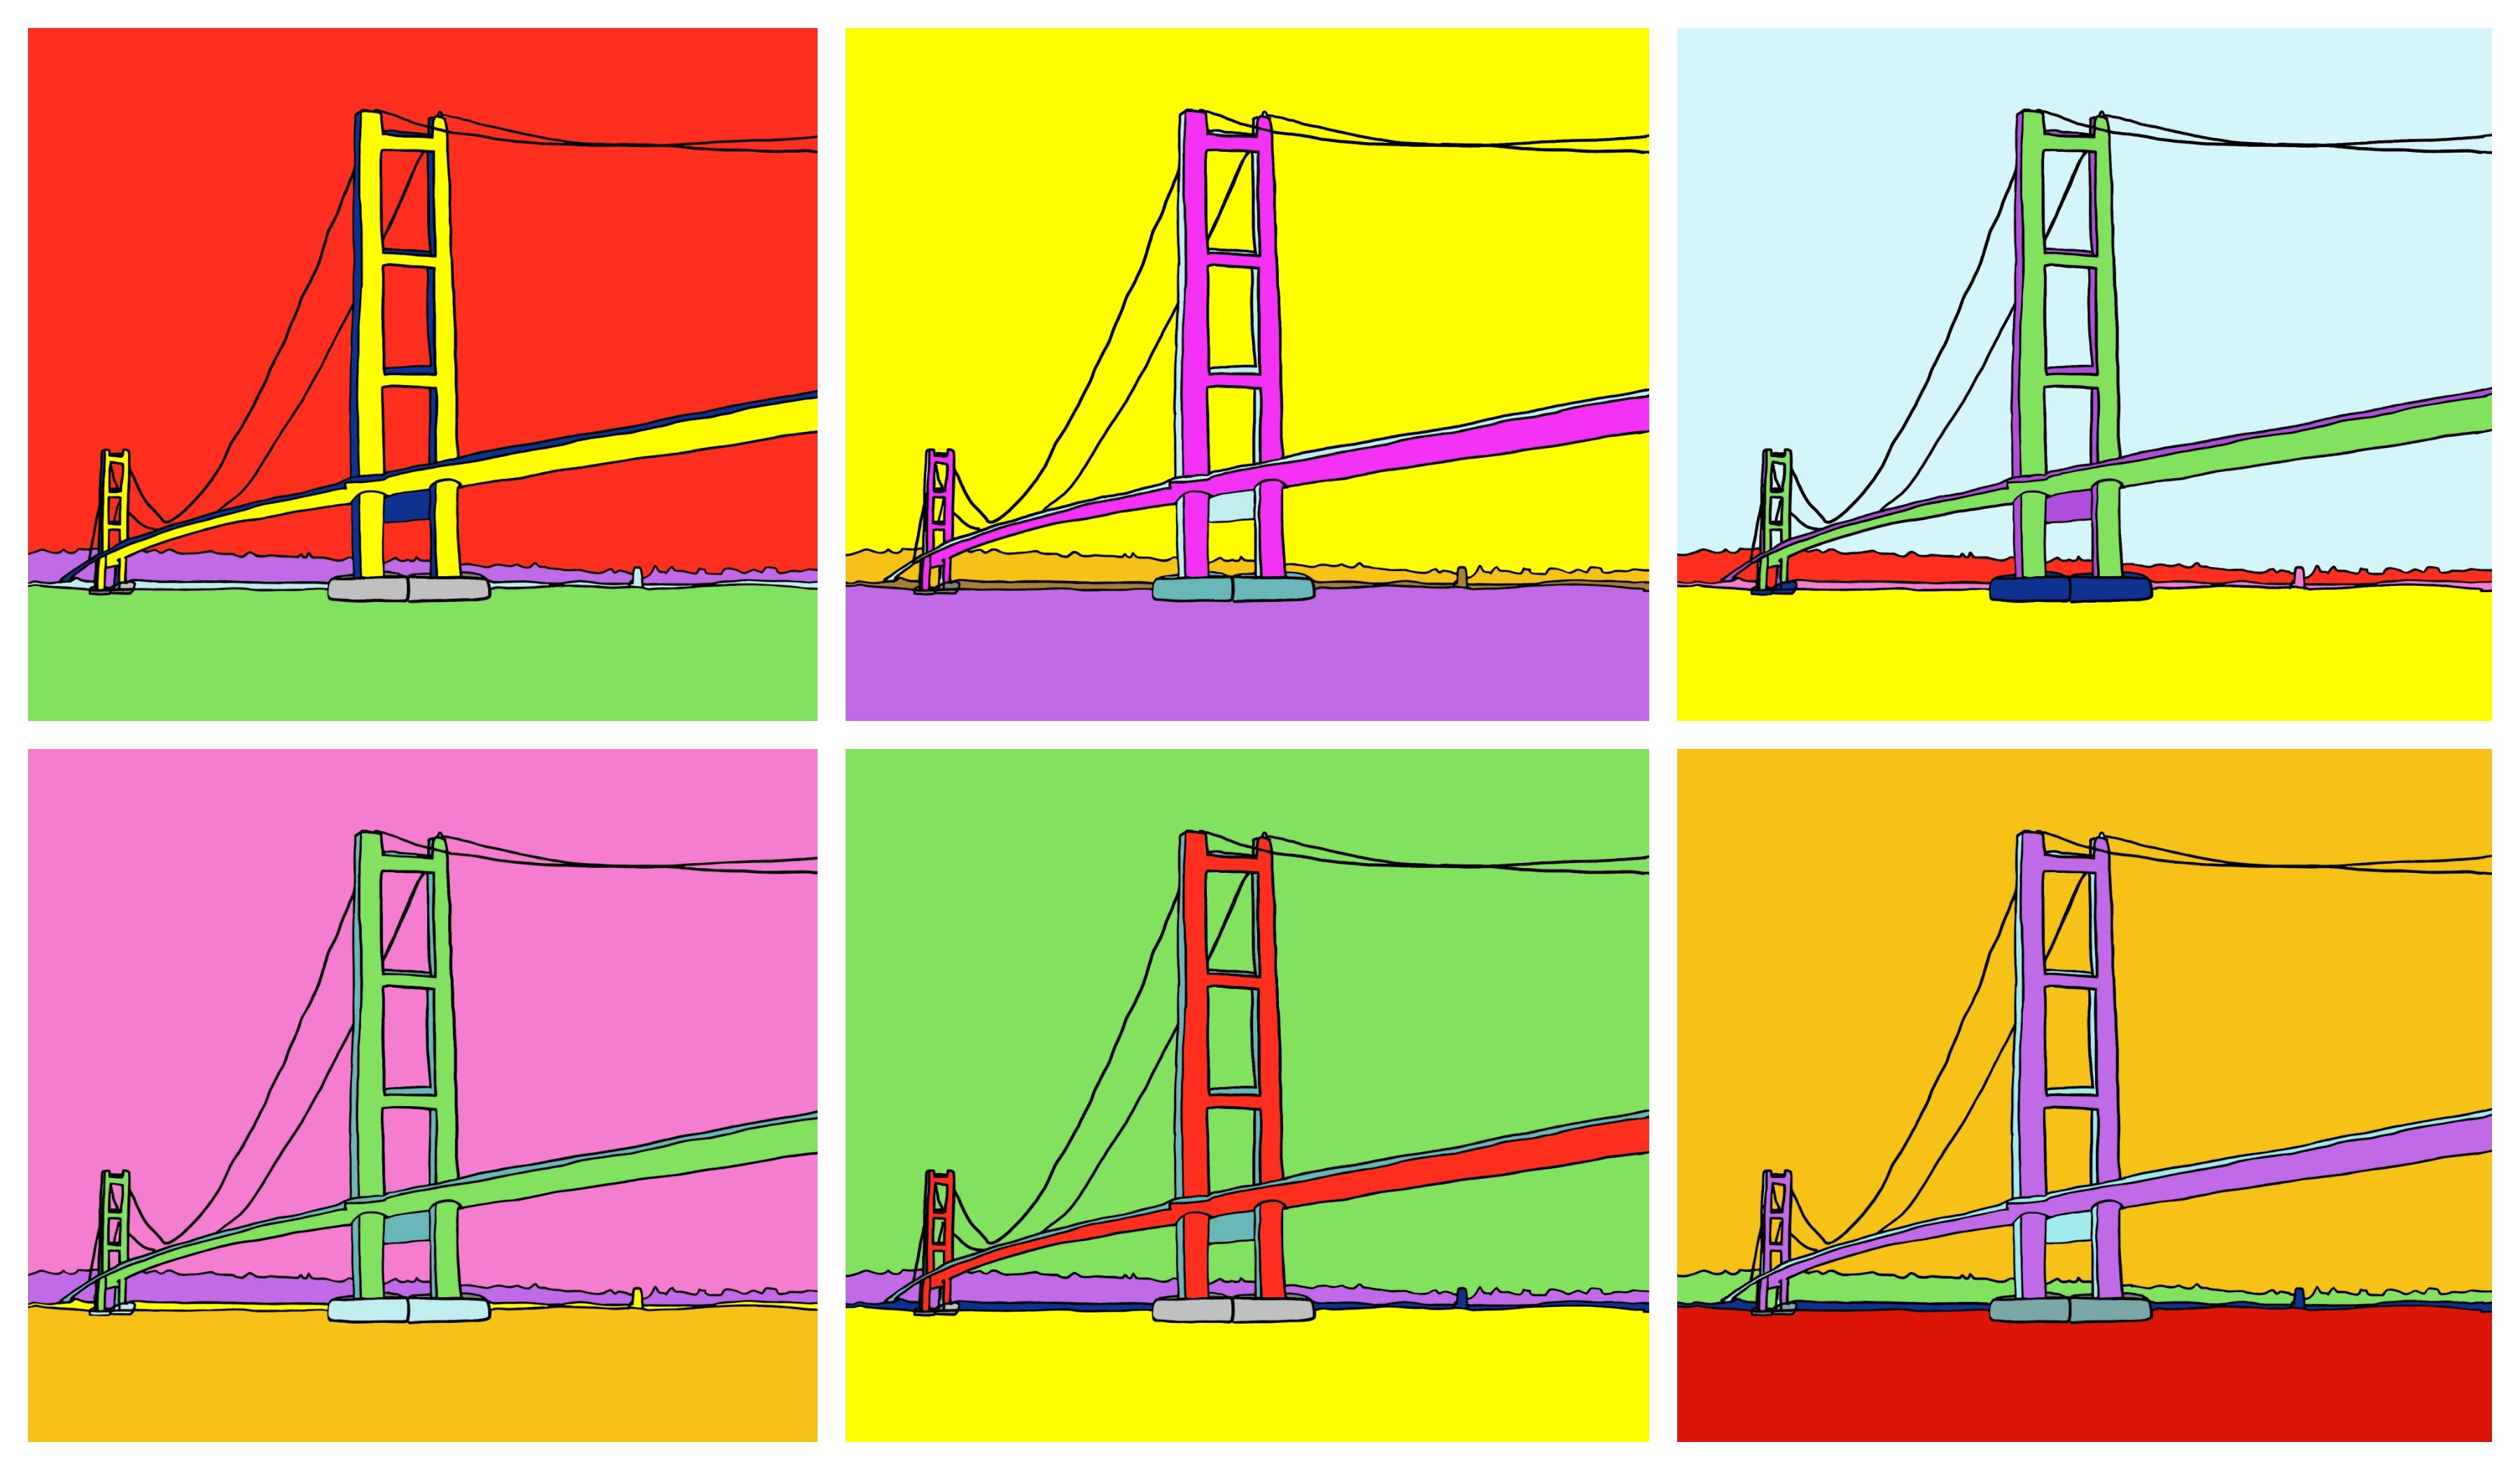 Over the Bridge V3